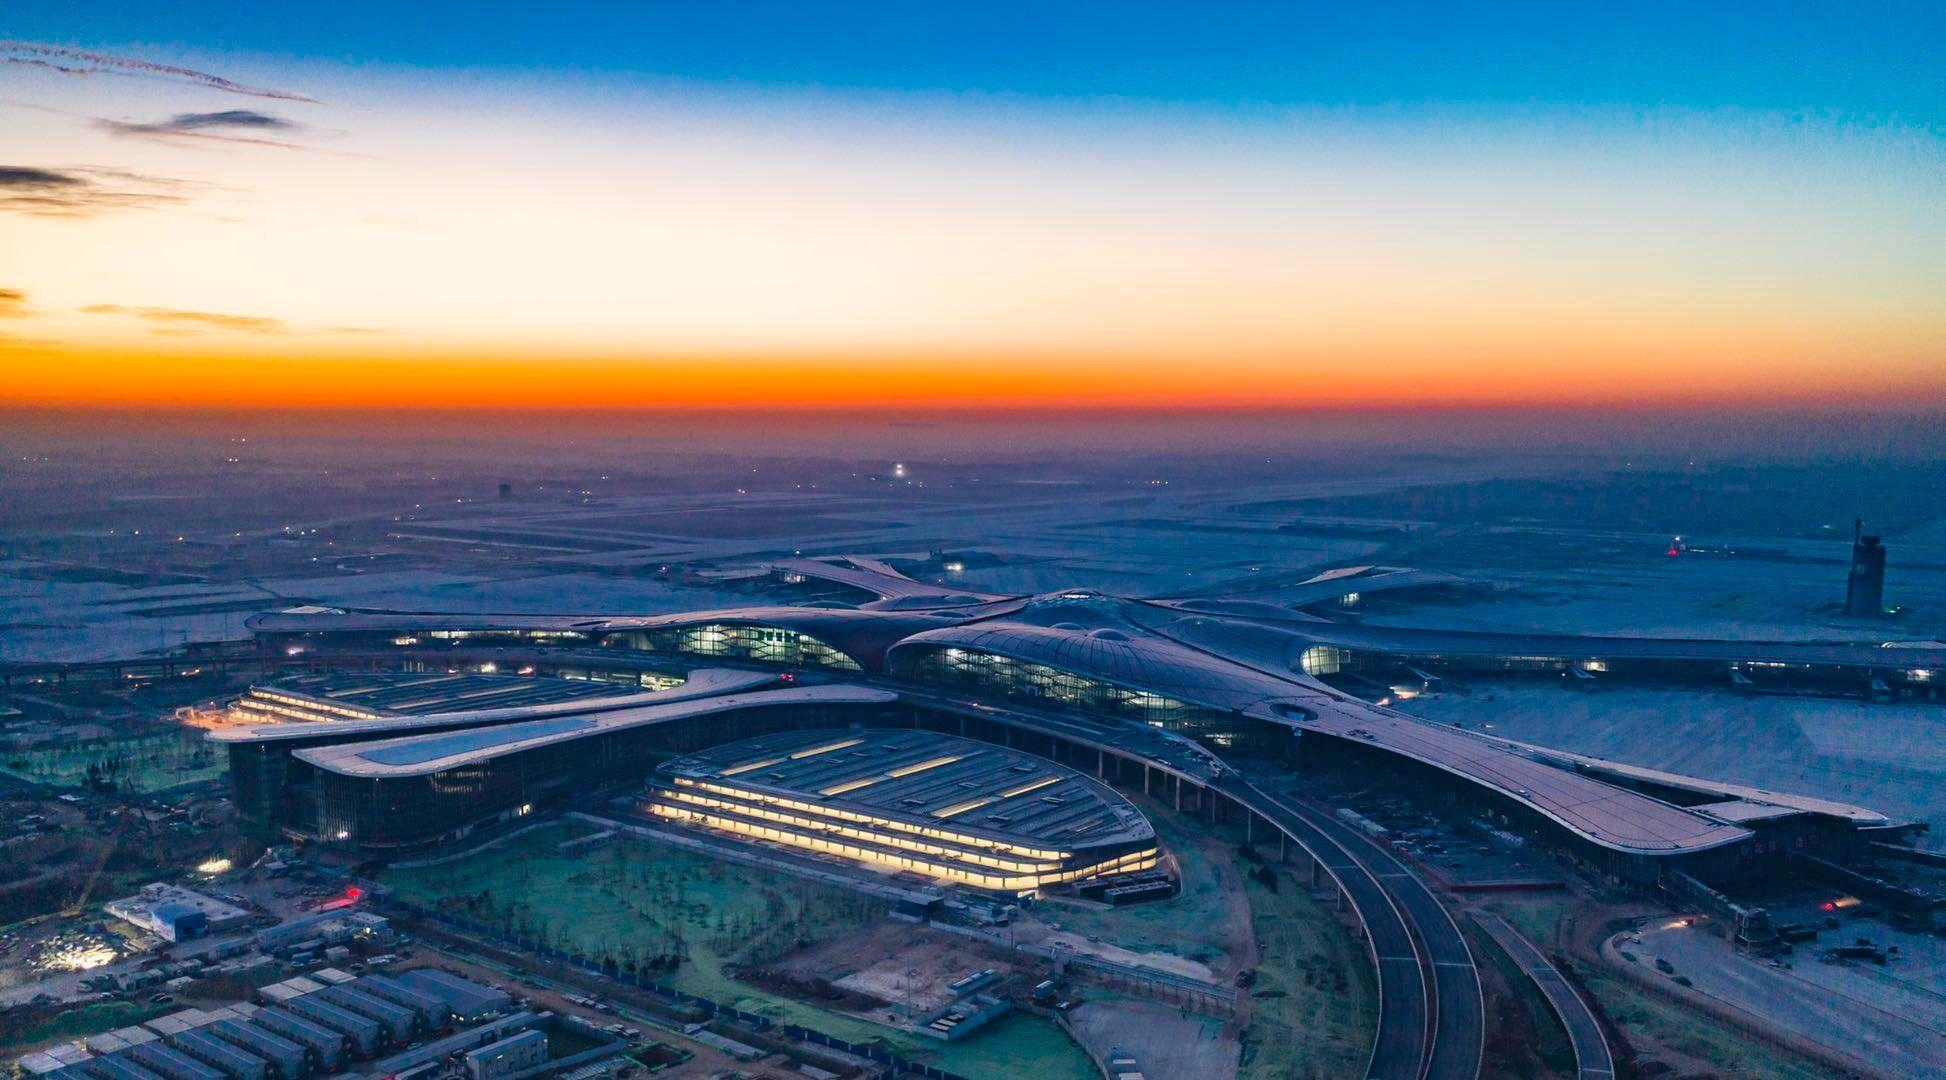 图片 大兴机场明日校飞,记者实地探访机场准备情况